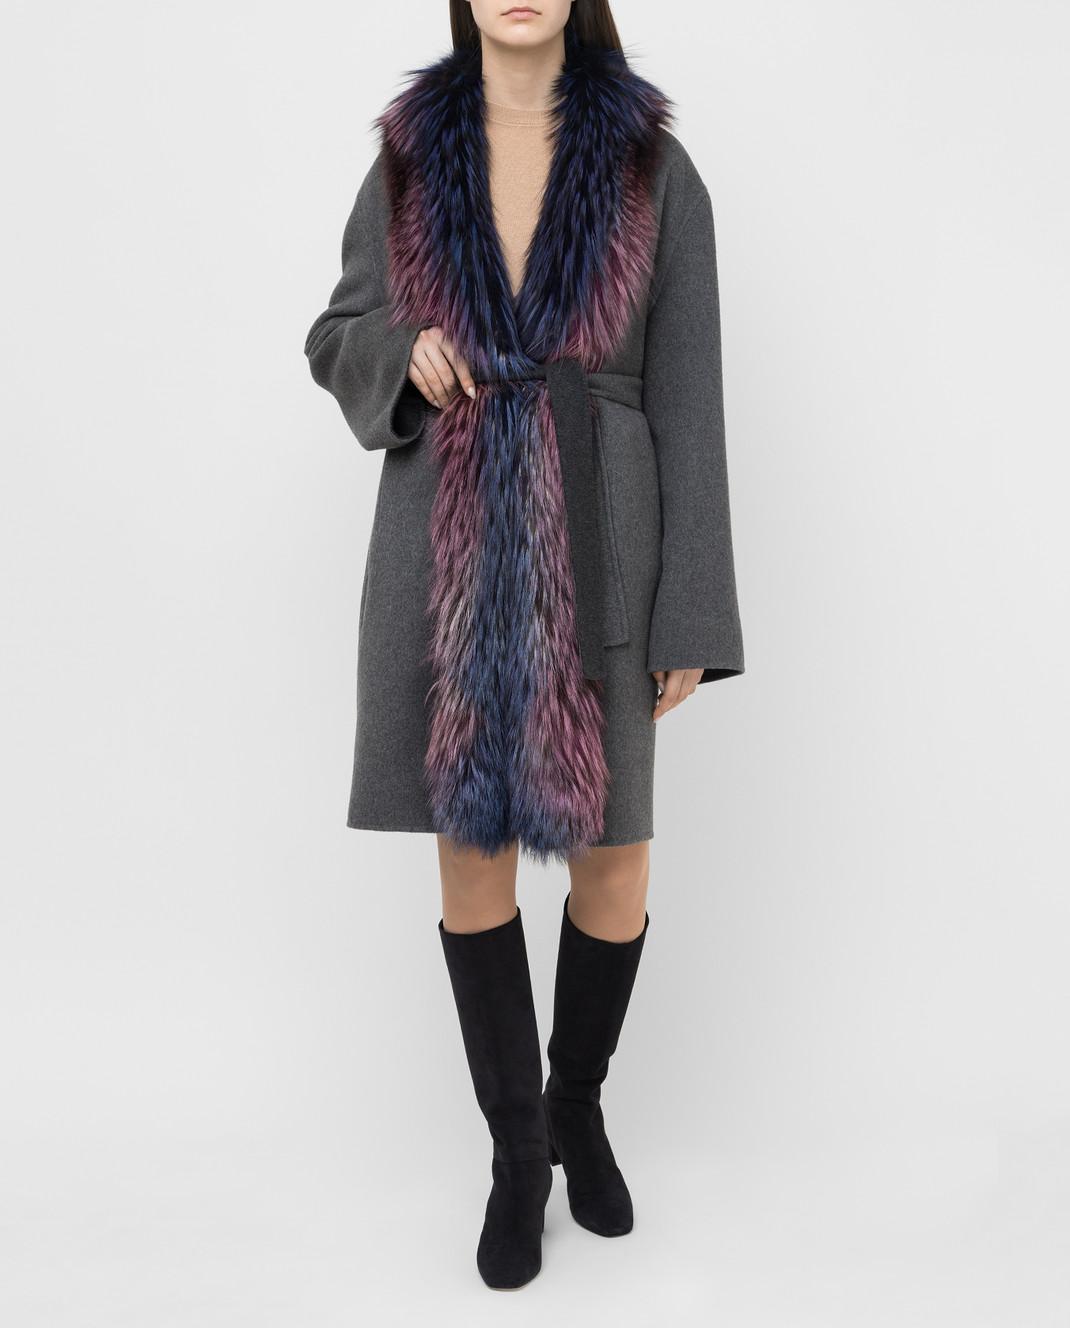 Rindi Серое пальто из кашемира с мехом лисы 262TE017 изображение 2